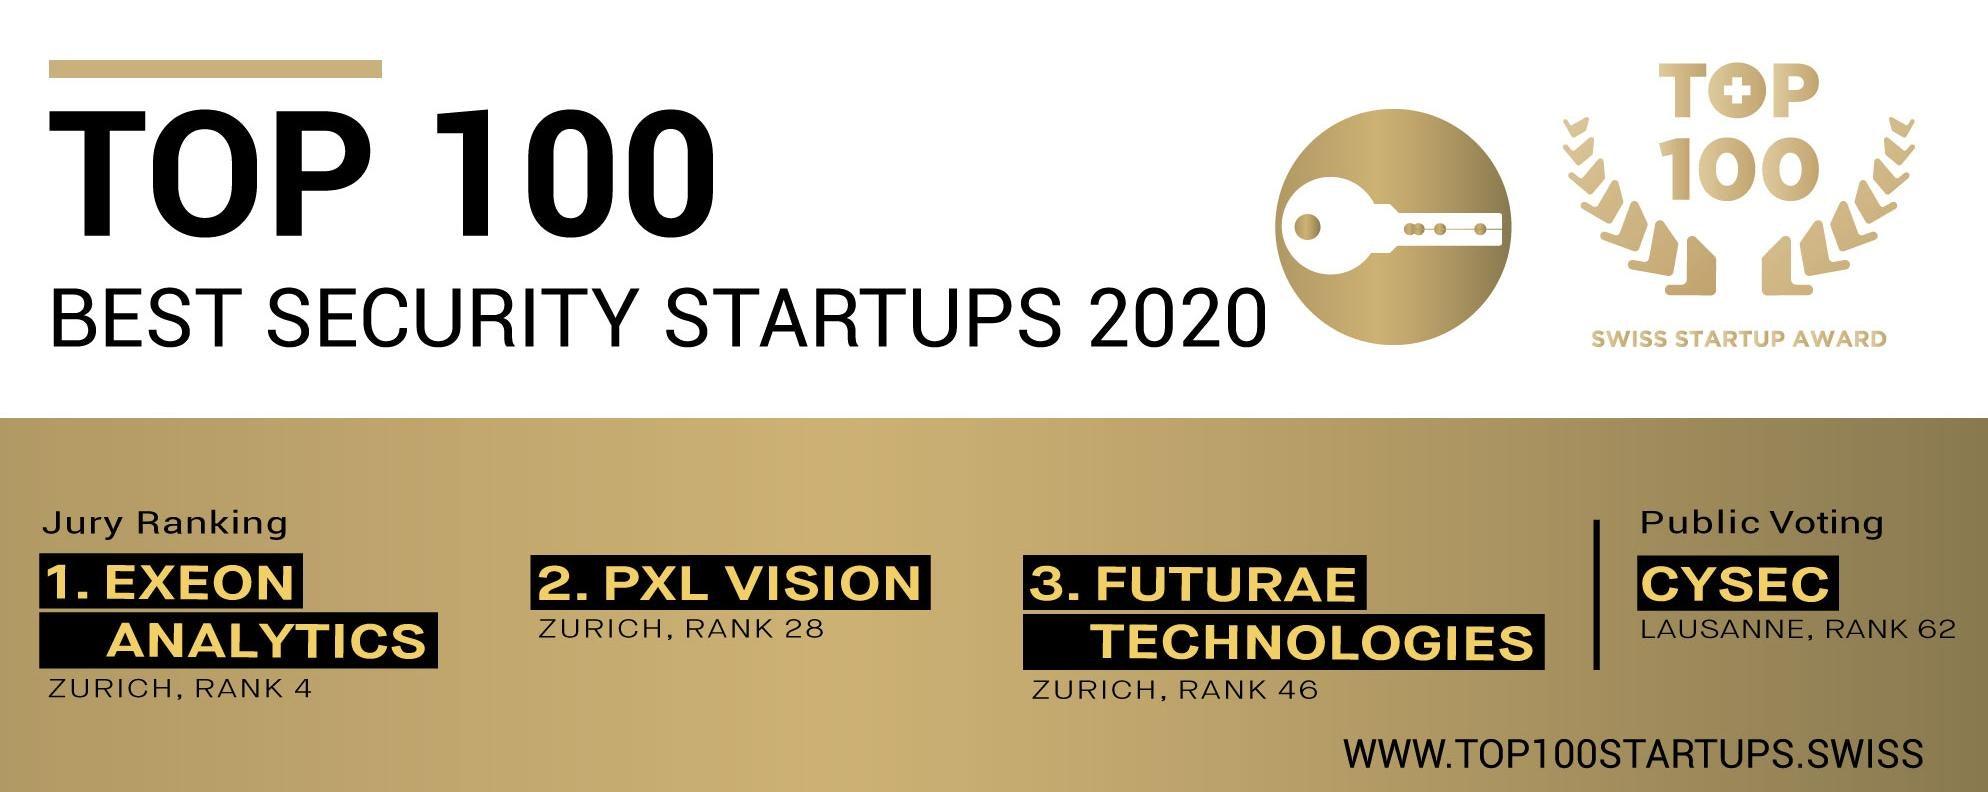 Switzerland's TOP security startups 2020